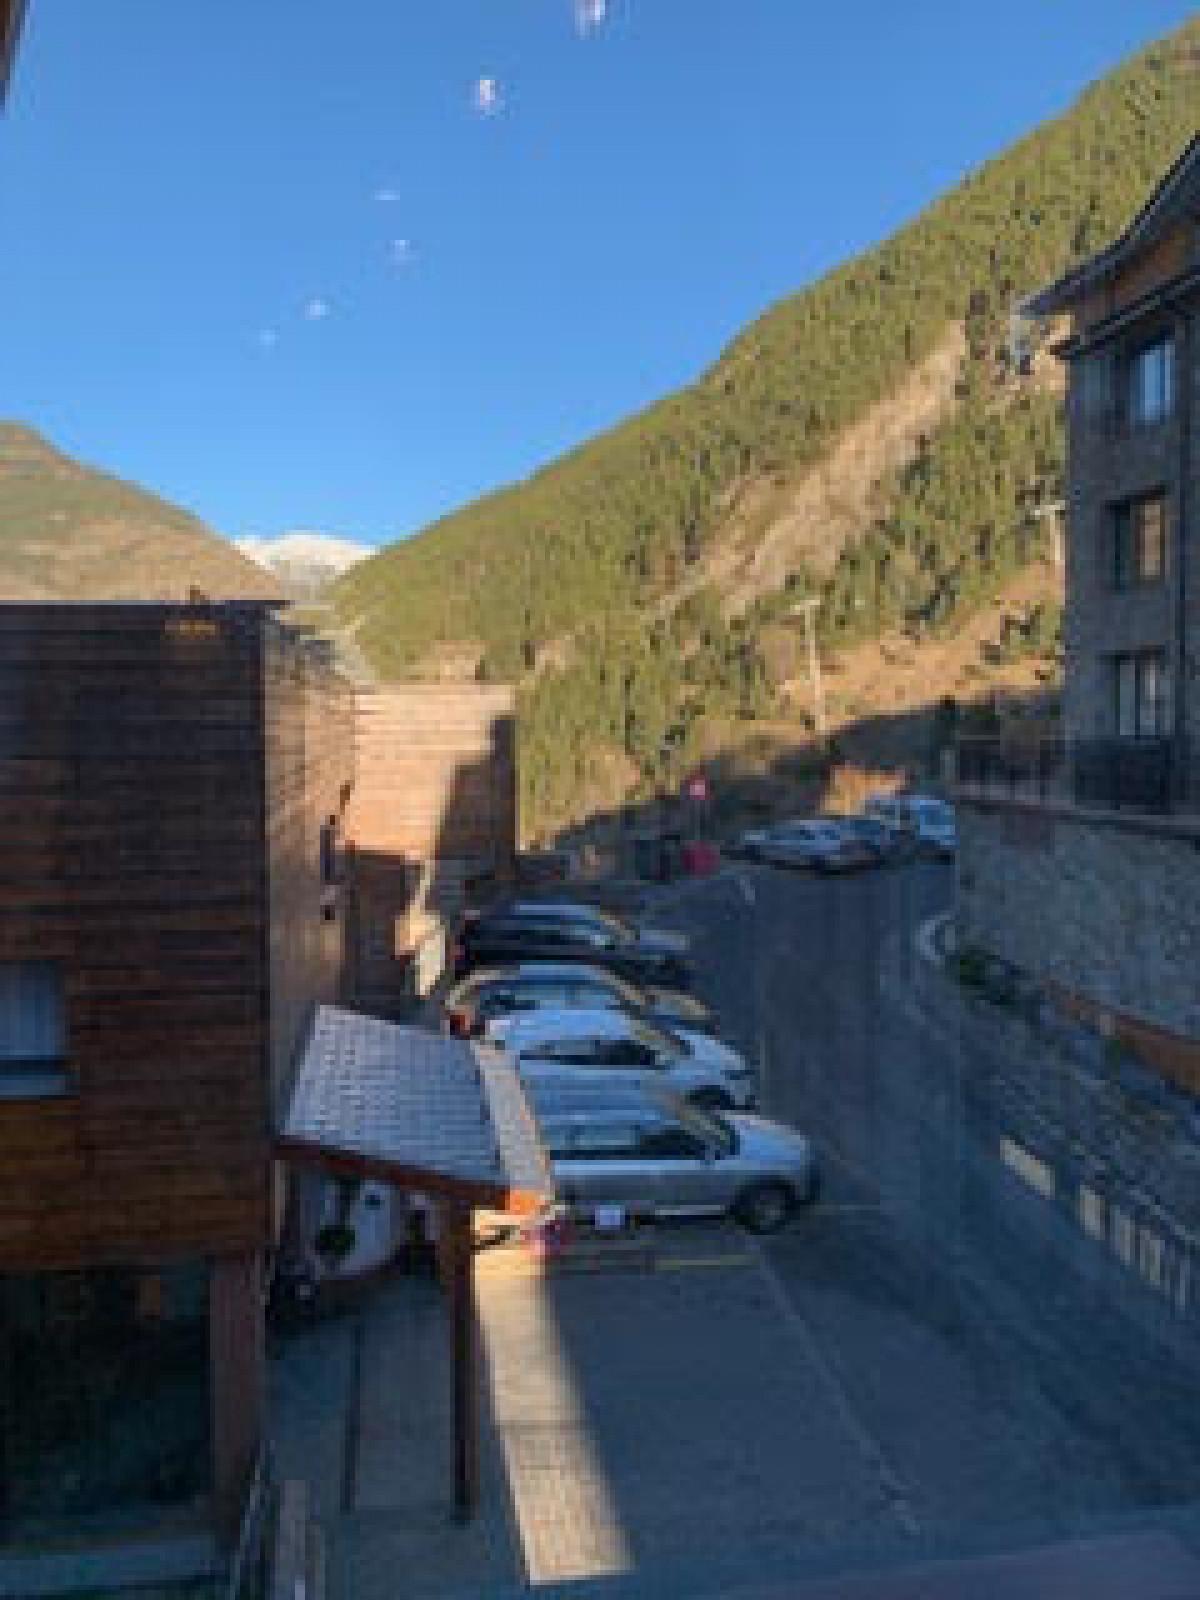 Pis amb vistes a la montanya.